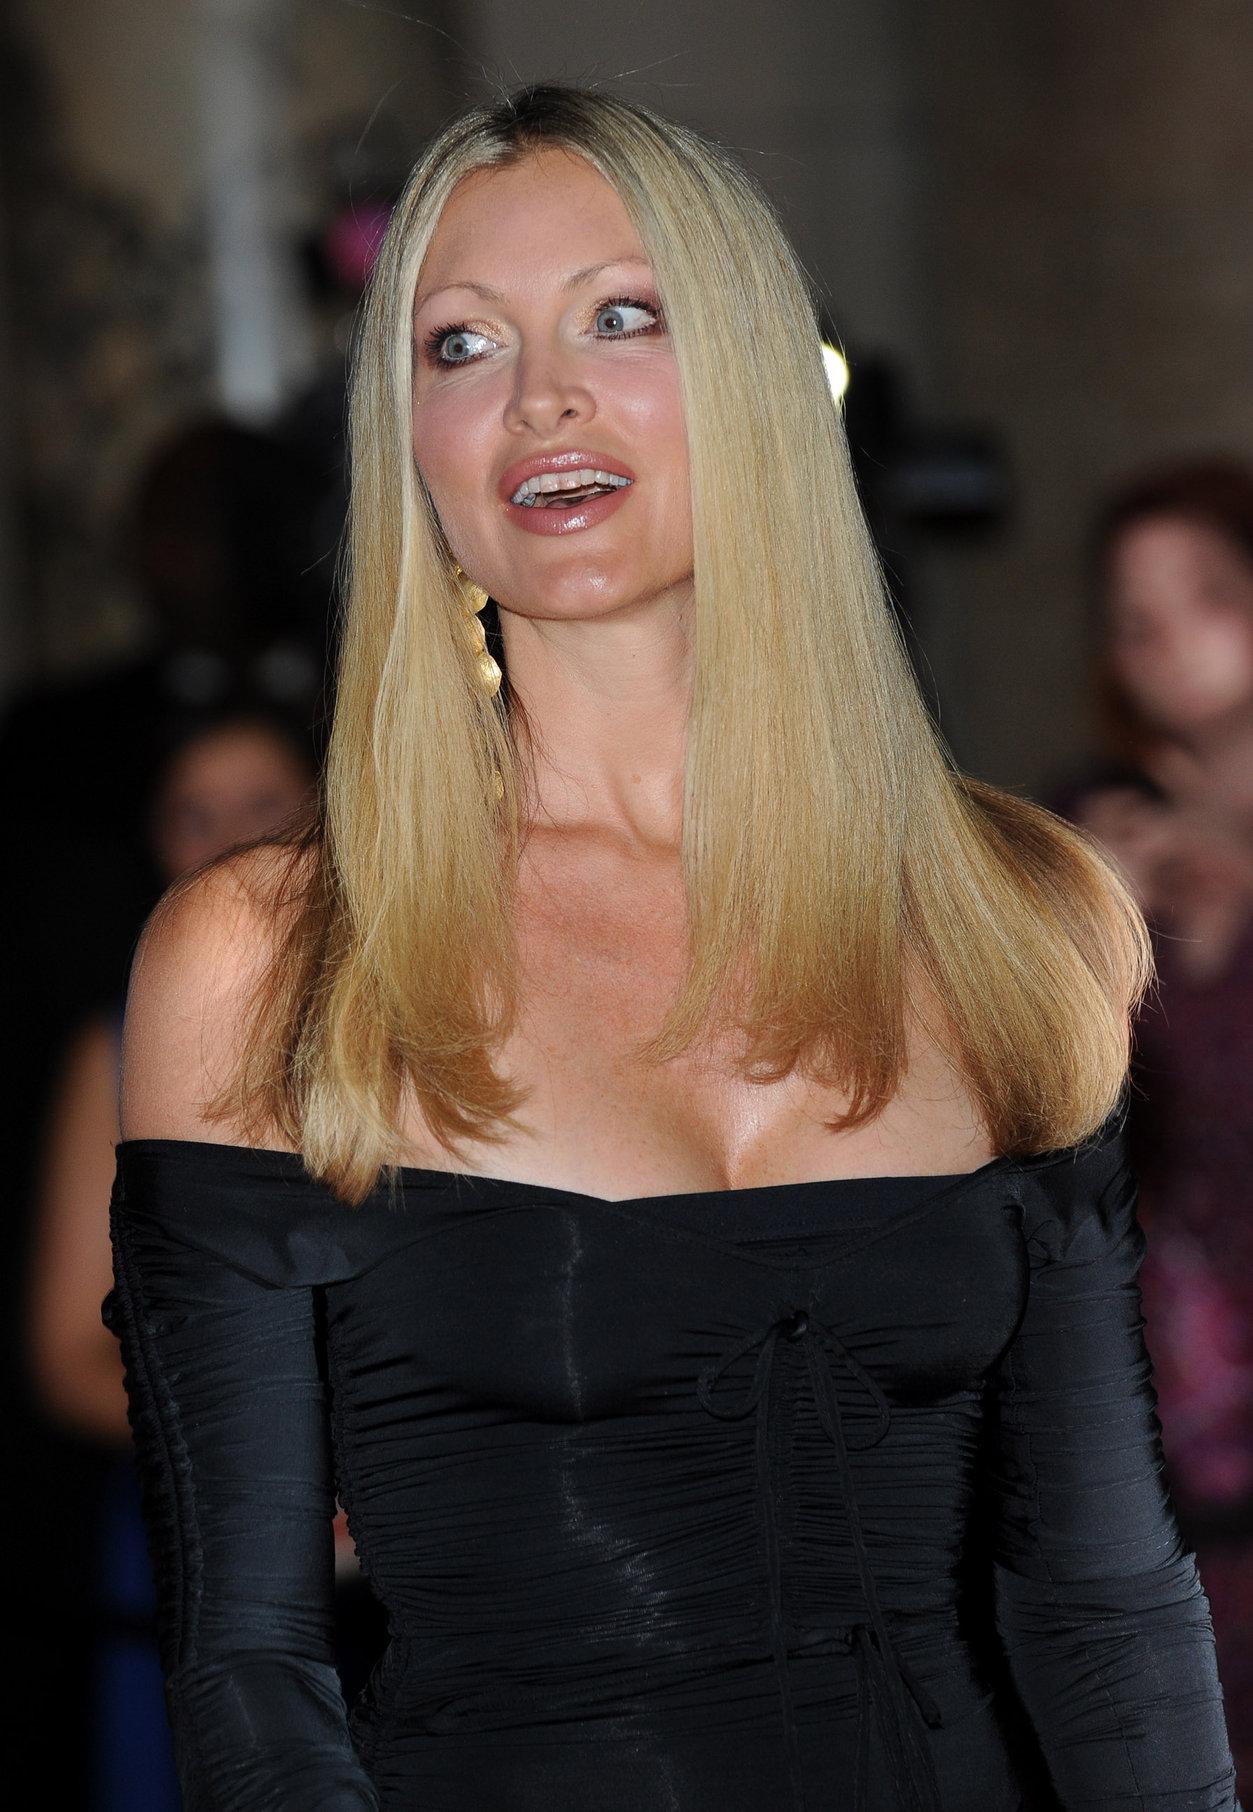 Caprice Bourret in a black dress